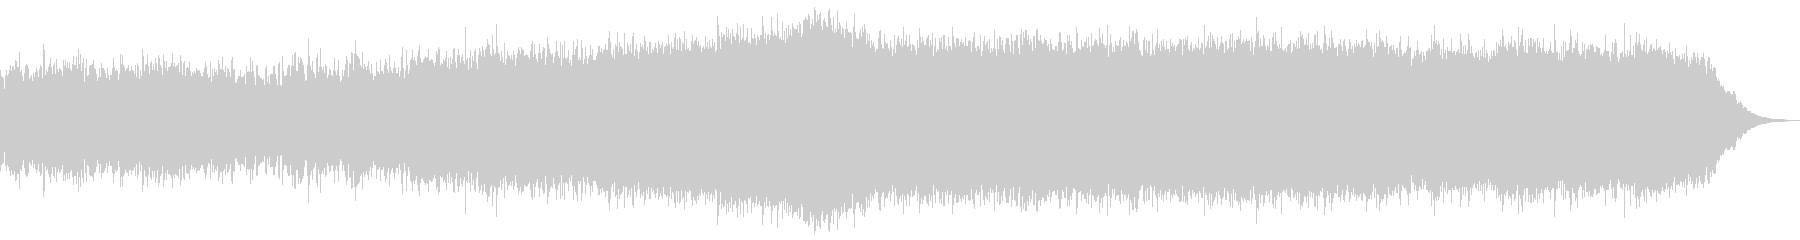 ミドルテンポのギターインストの未再生の波形